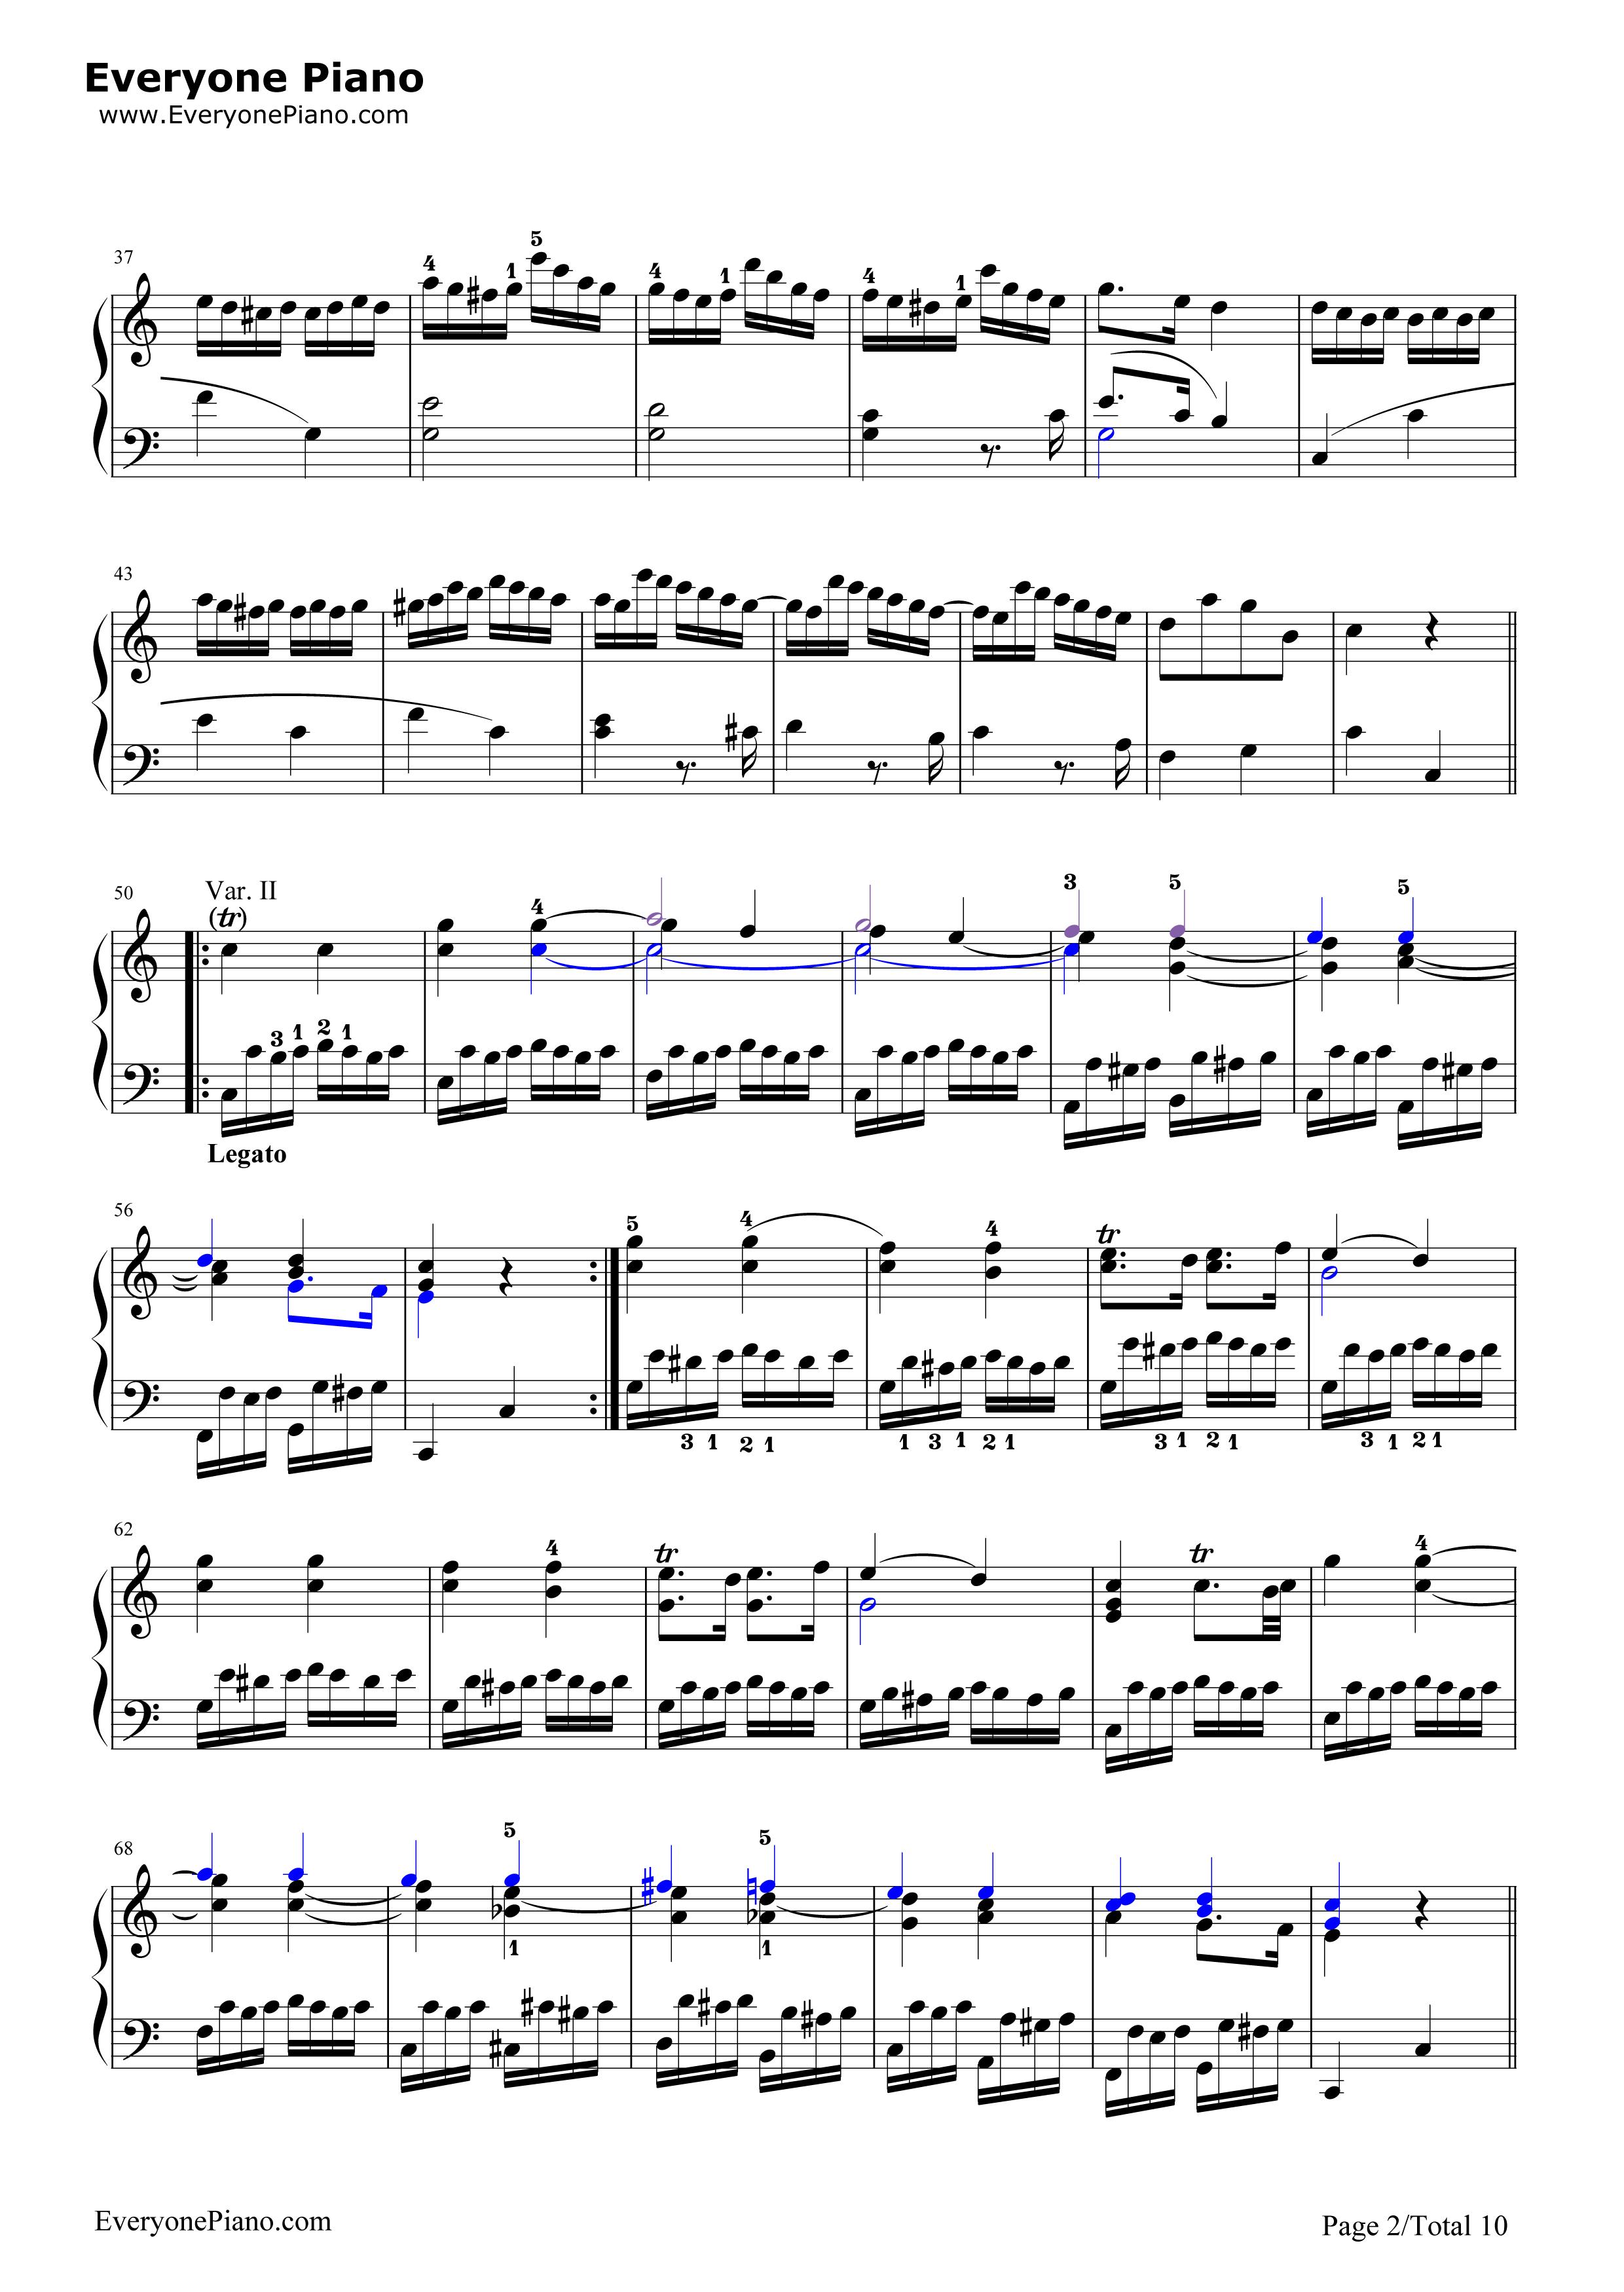 きらきら 星 変奏 曲 モーツァルト「きらきら星変奏曲」について